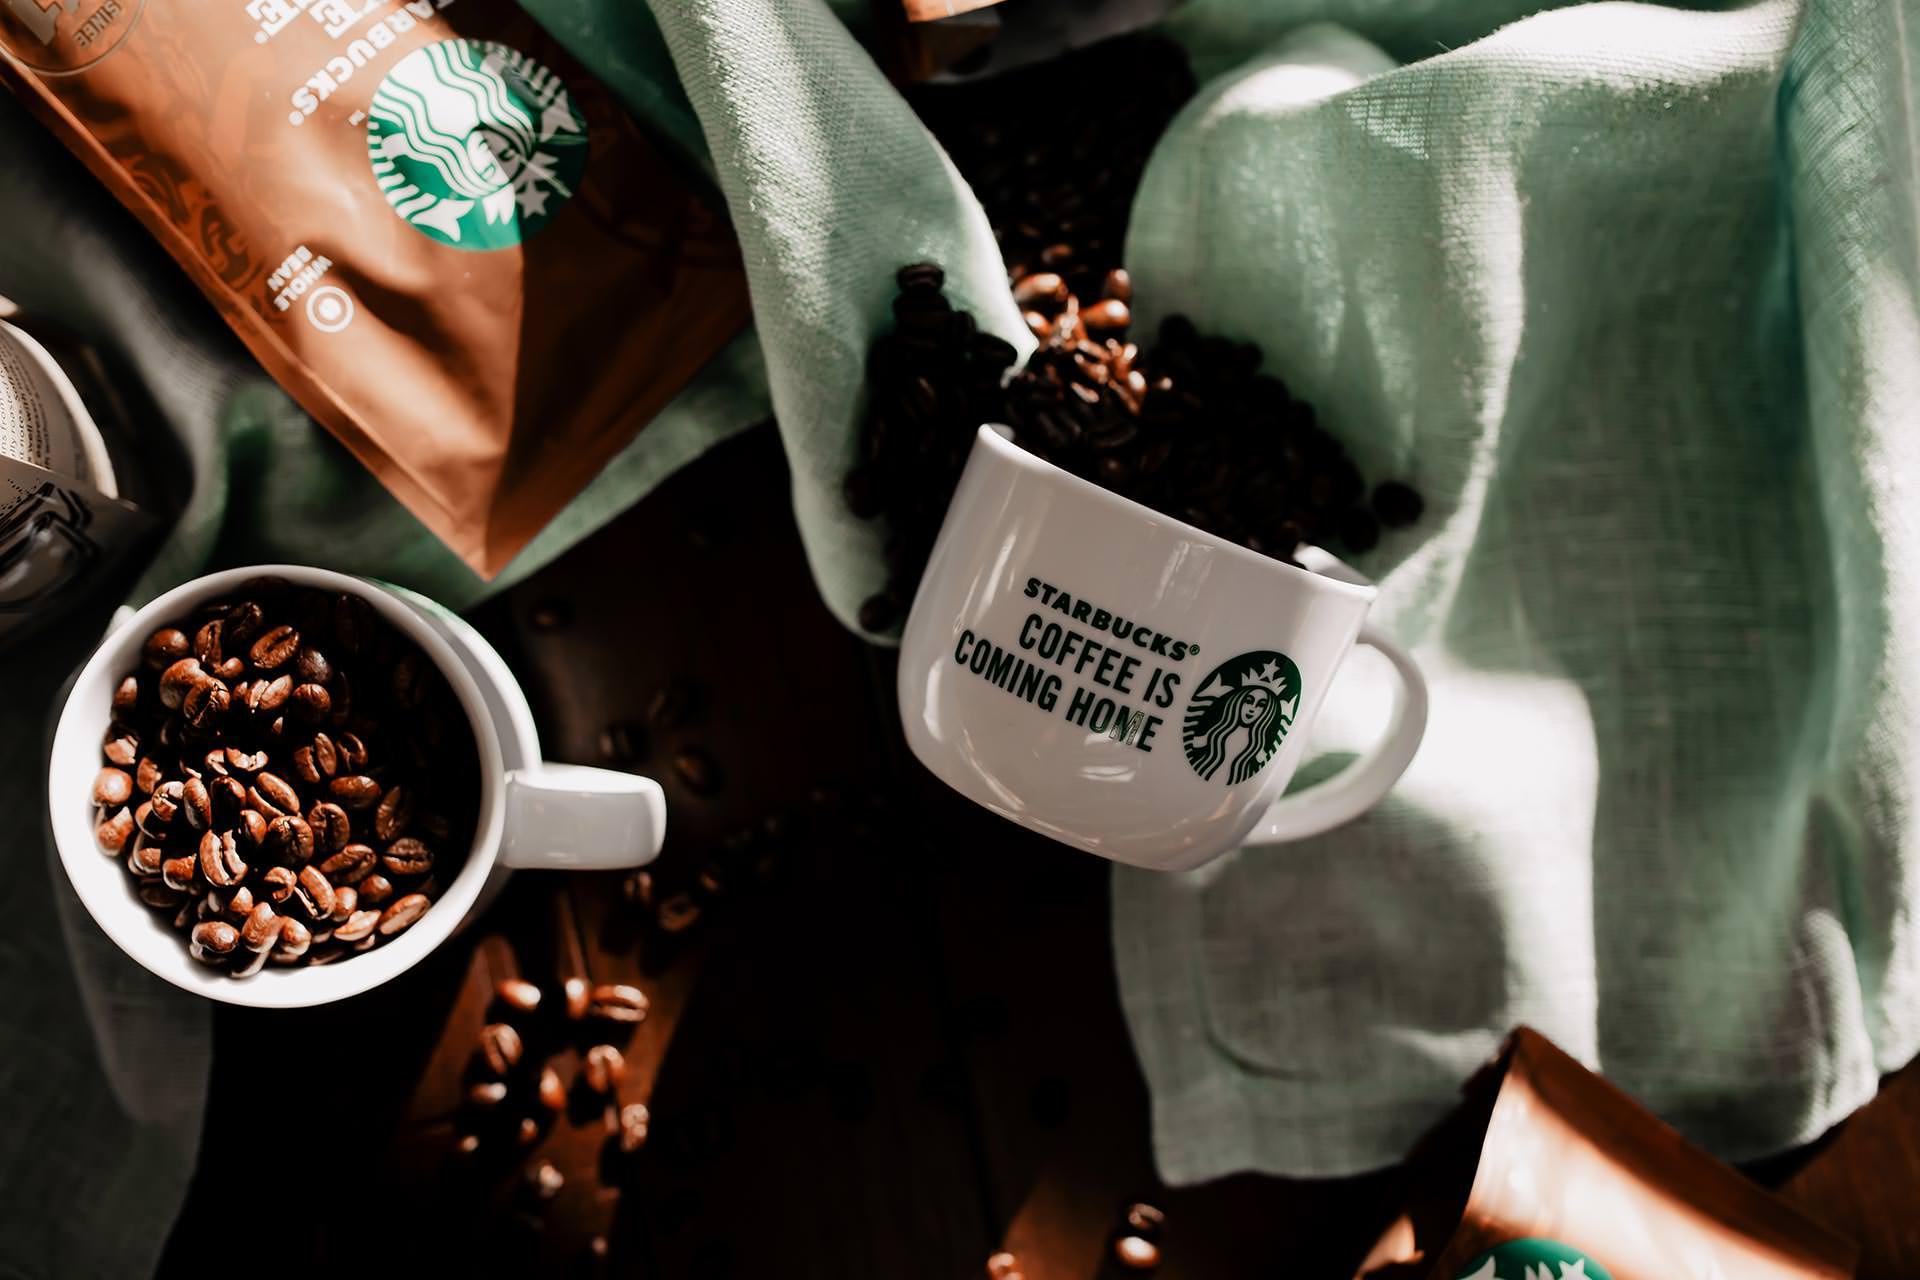 Anzeige. Du bist auf der Suche nach dem perfekten Pumpkin Spice Latte Rezept? Auf meinem Foodblog teile ich mein leckeres Rezept für das perfekte Wintergetränk mit dir. www.whoismocca.com #pumpkinspice #kaffeerezept #starbucks